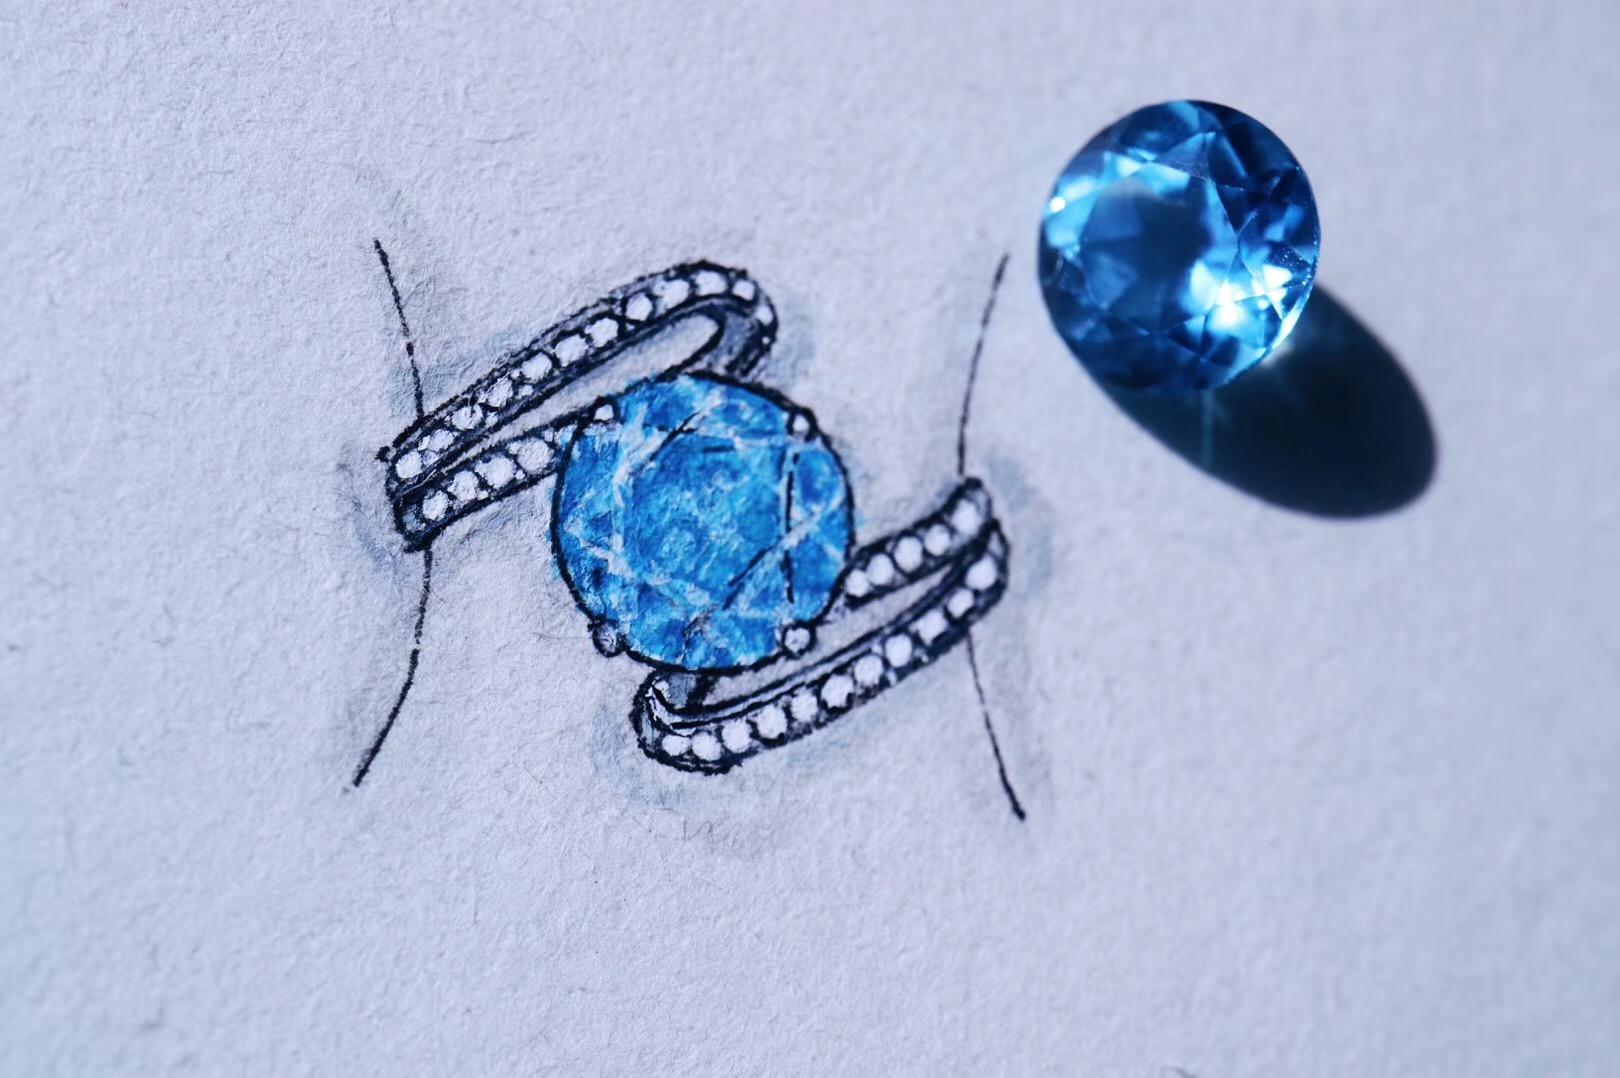 【菩心-托帕石、红纹石戒指设计】想要更多爱的宝宝,可以选择心轮宝石-菩心晶舍